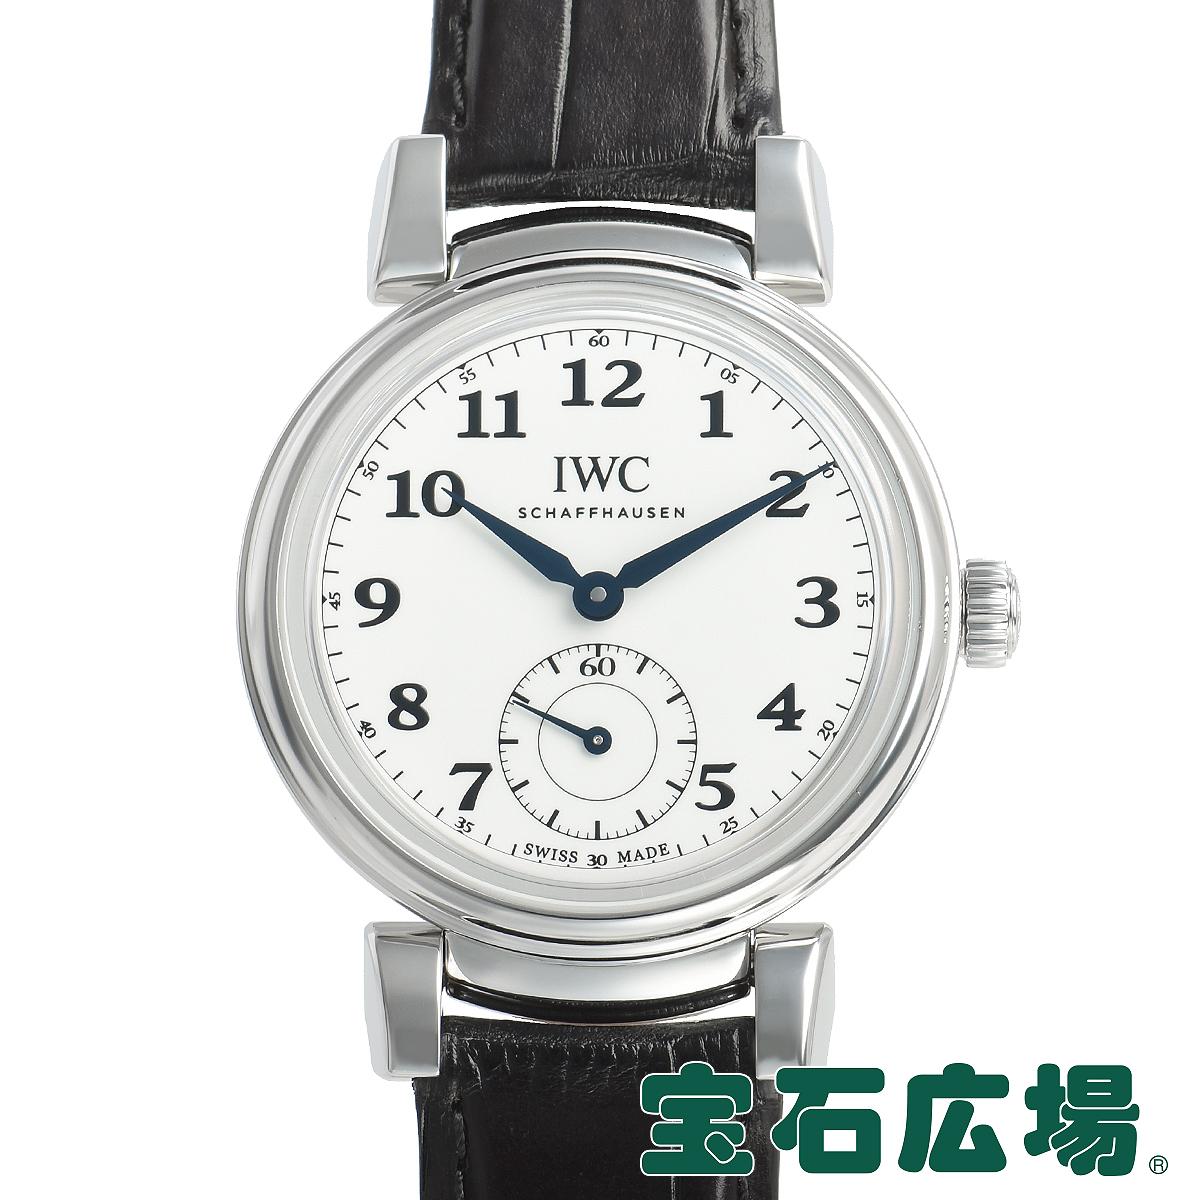 柔らかな質感の IWC 腕時計 (アイ・ダブリュー IWC・シー) ダヴィンチ オートマティック 創立150周年記念 世界限定500本 IW358101 送料無料【】メンズ 腕時計 送料無料, リバース:14431d4a --- cpps.dyndns.info